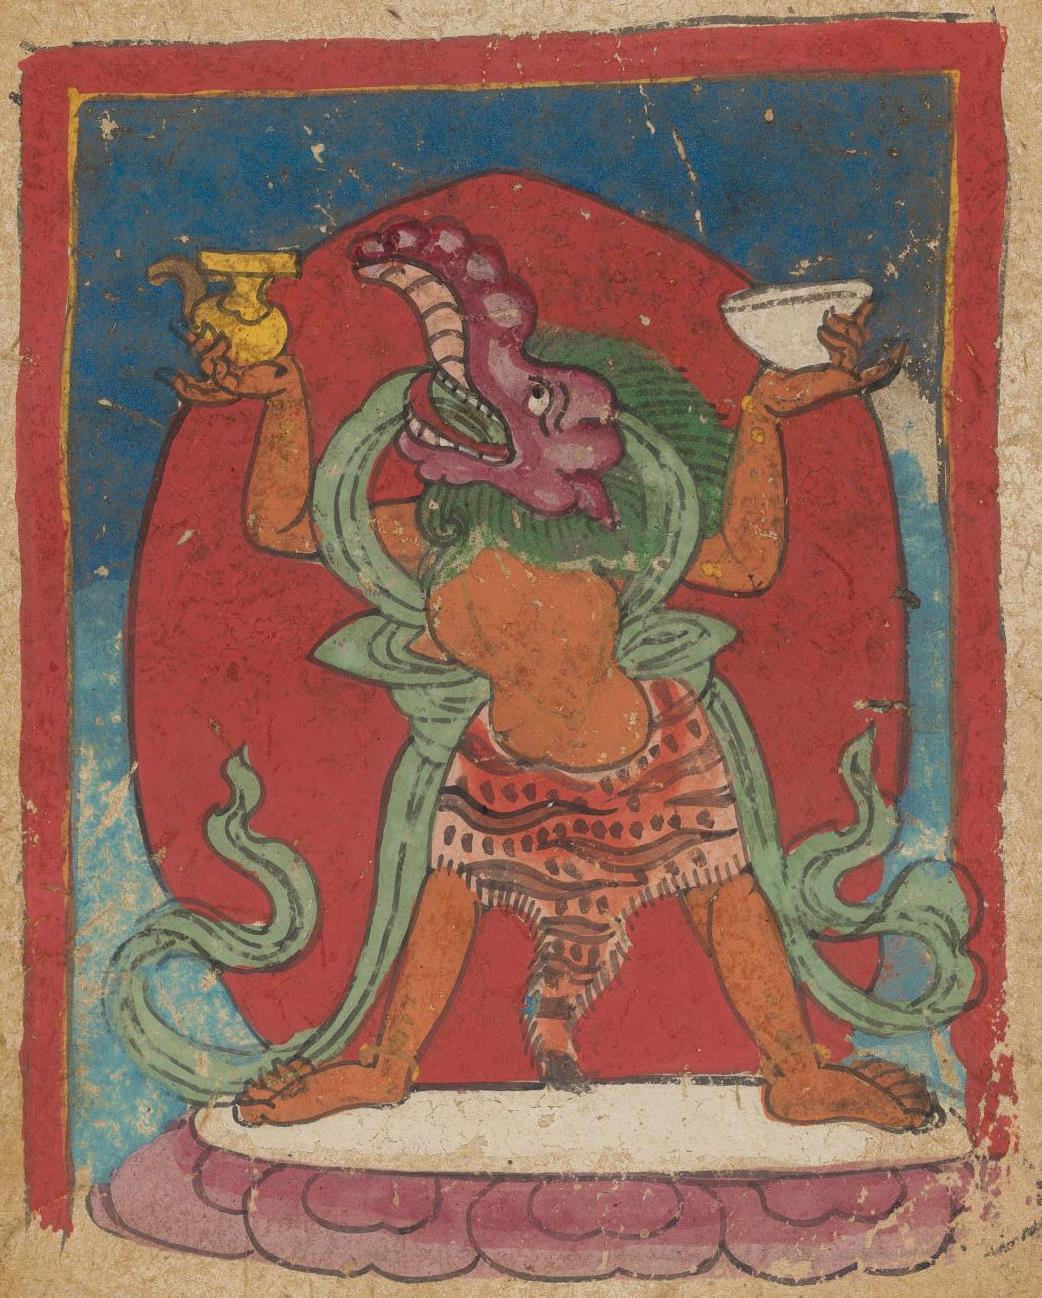 Unknown artist. The deity of the Tibetan Bon religion. Map 60